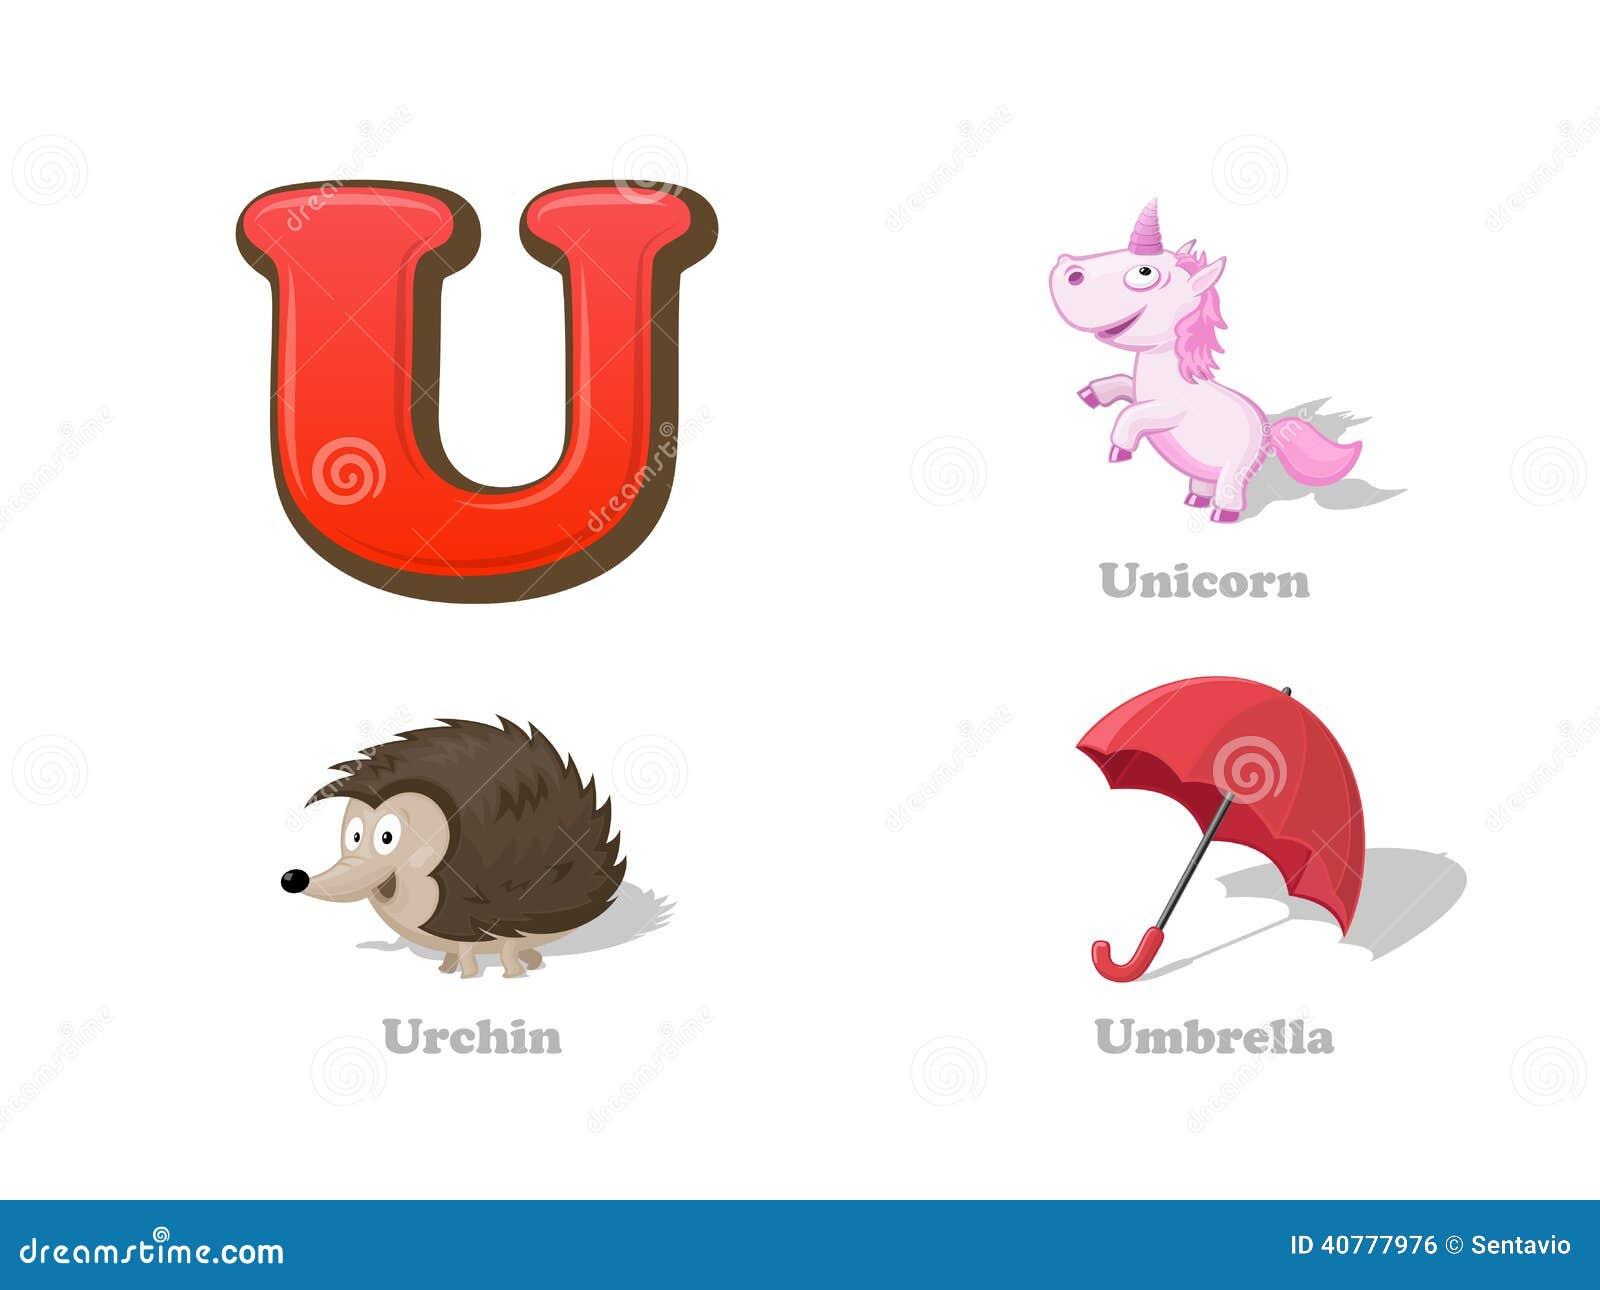 ABC Letter U Funny Kid Icons Set Unicorn Urchin